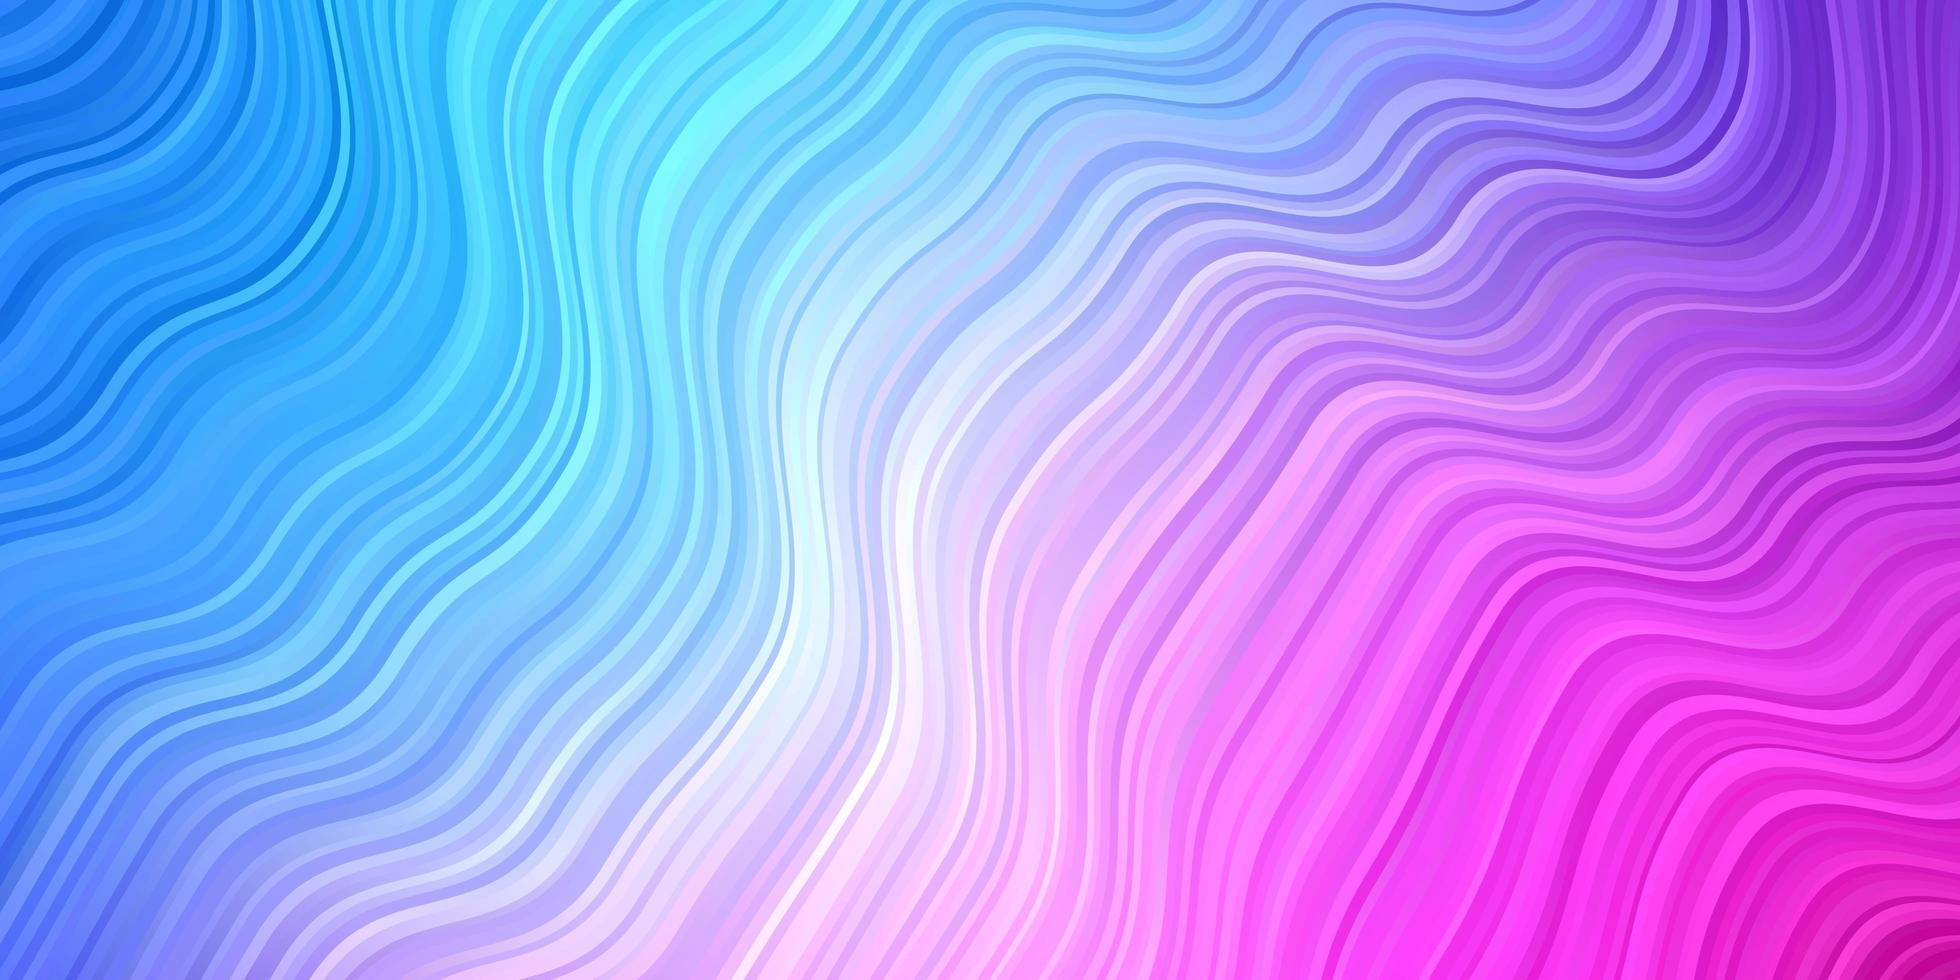 modèle vectoriel rose clair, bleu avec des lignes courbes.